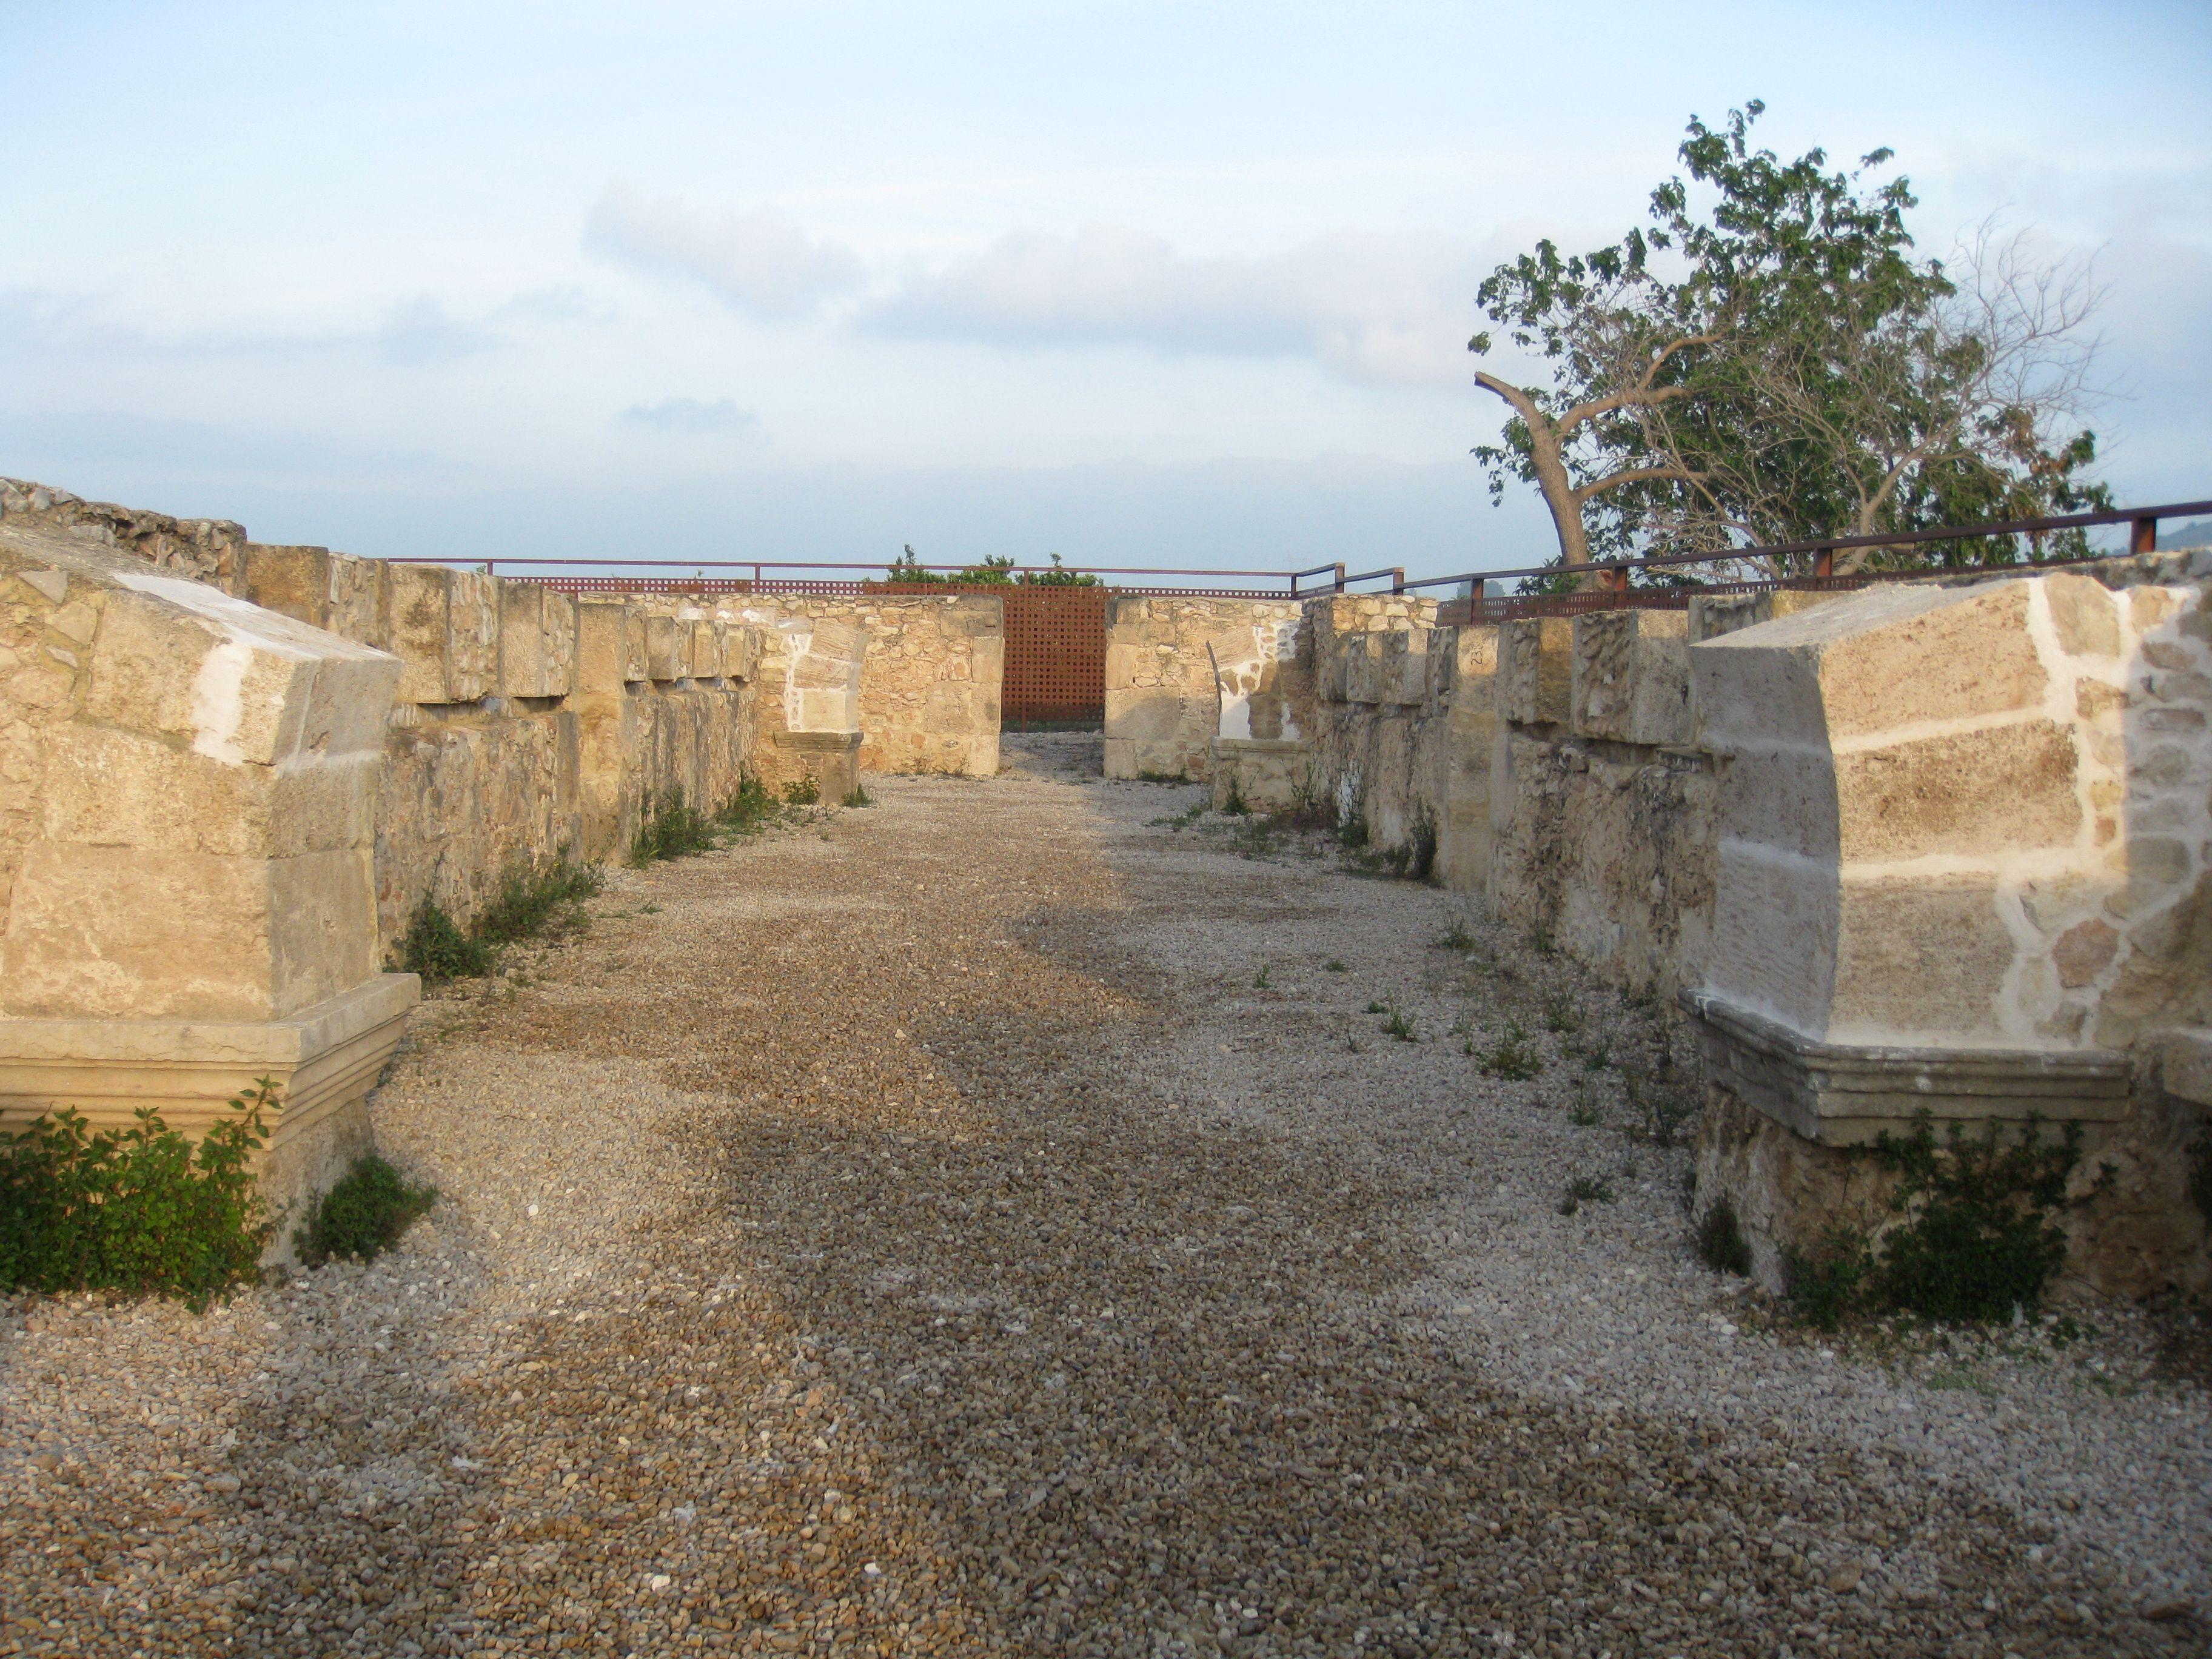 Recuperando la historia visigoda desde las ruinas del yacimiento de Pla de Nadal.